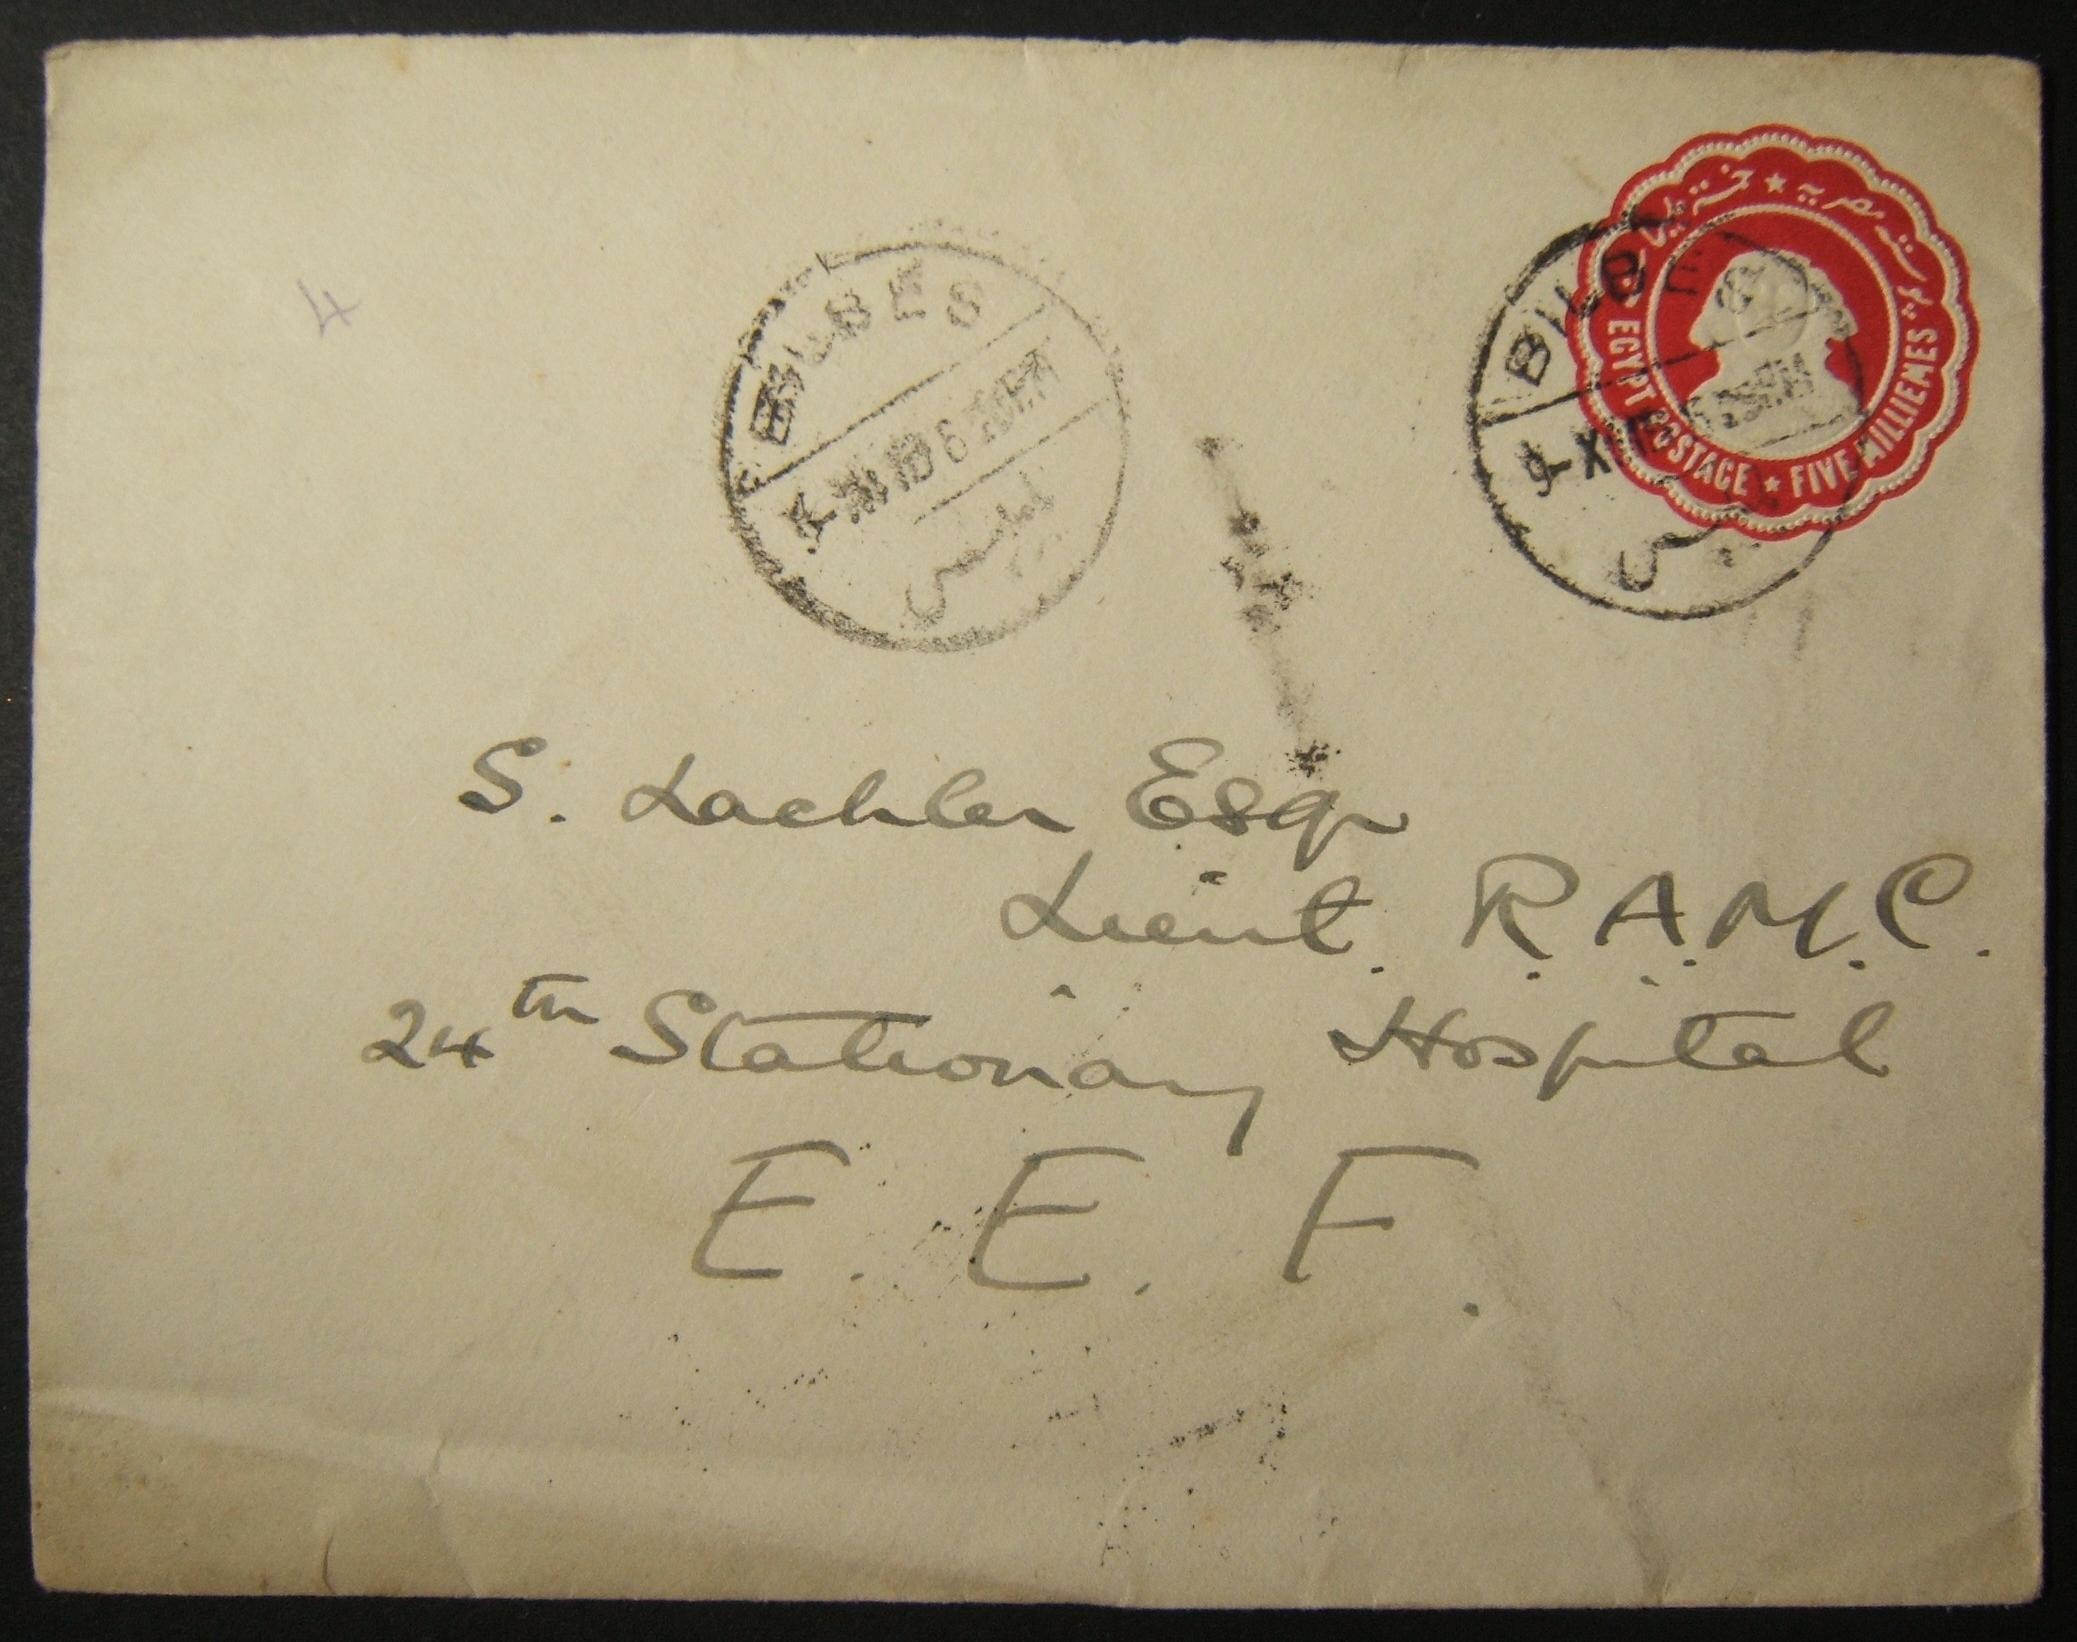 11/1916 מלחמת העולם הראשונה מצרים פתחה דואר אזרחי לצבא בריטי באמצעות מסילה אזרחית / מסילה, עם חותמת דואר מוקדמת